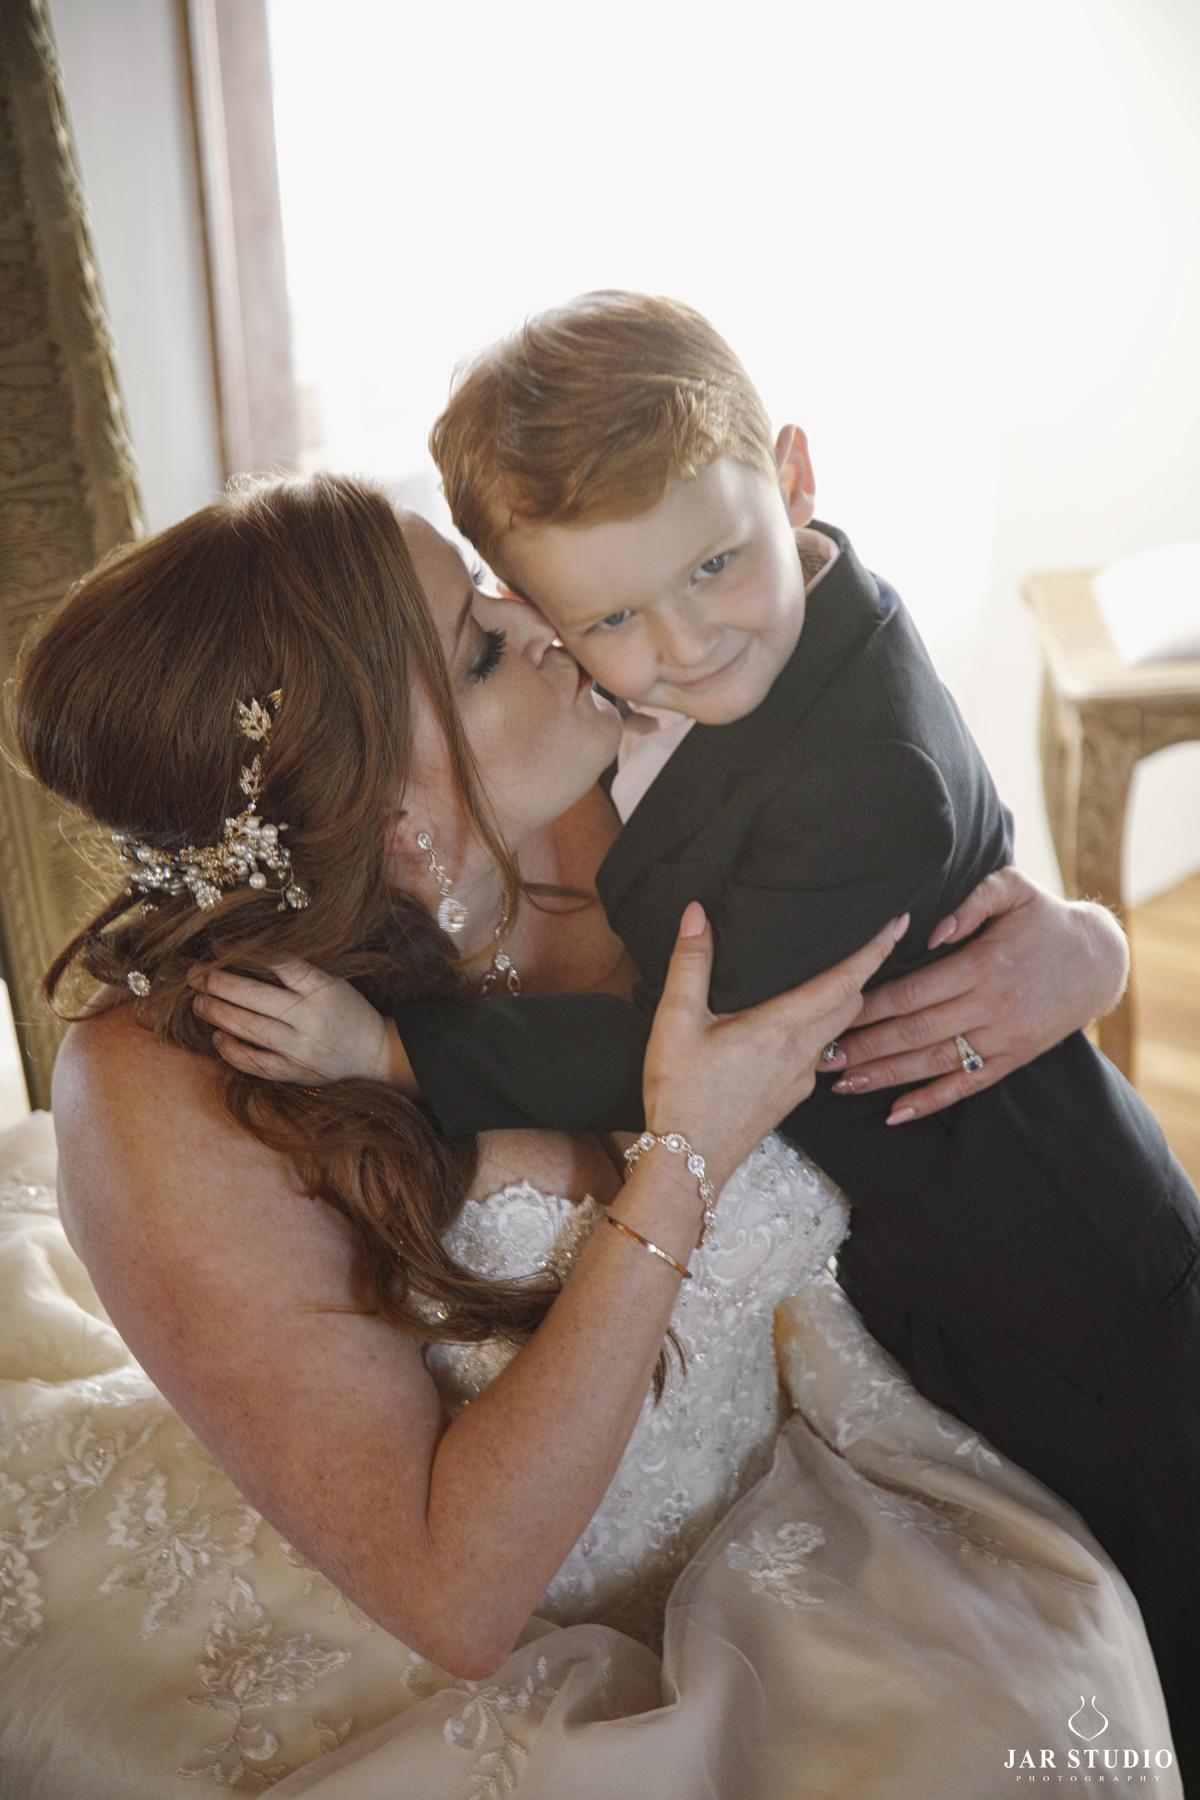 15-best-moments-capture-wedding-day-jarstudio.JPG